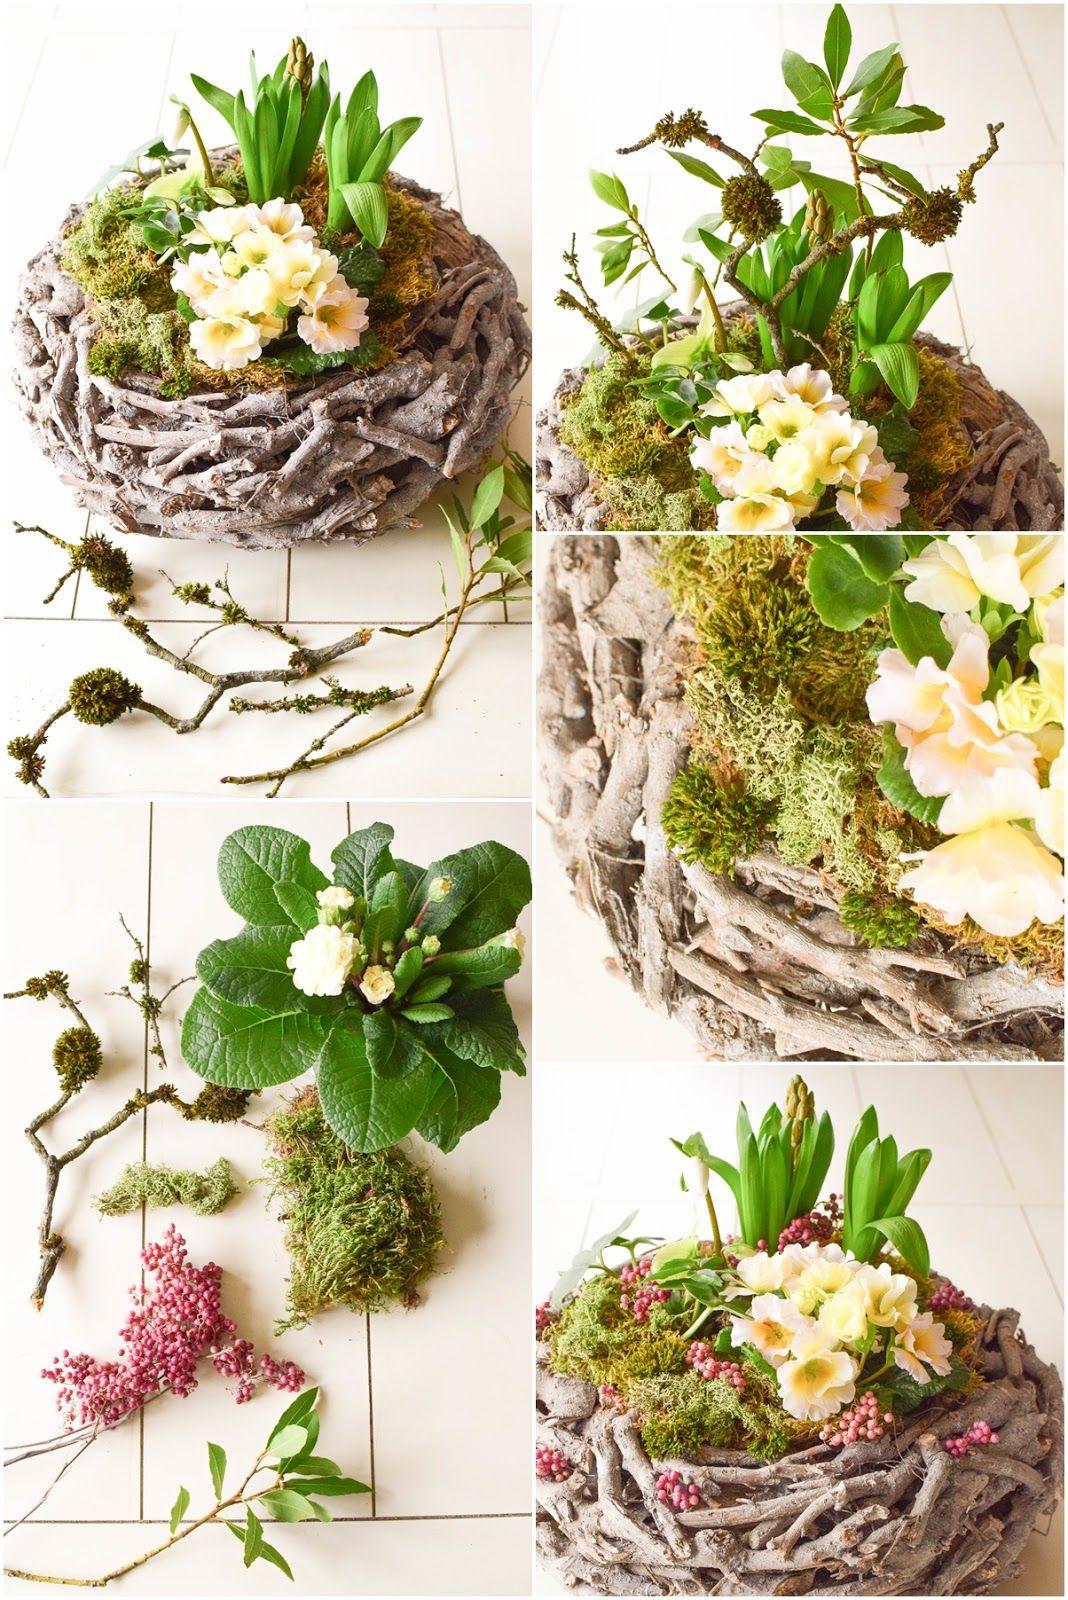 Tischdeko Holz Selber Machen Elegant Diy Frühlingskorb Natürlich Dekoriert